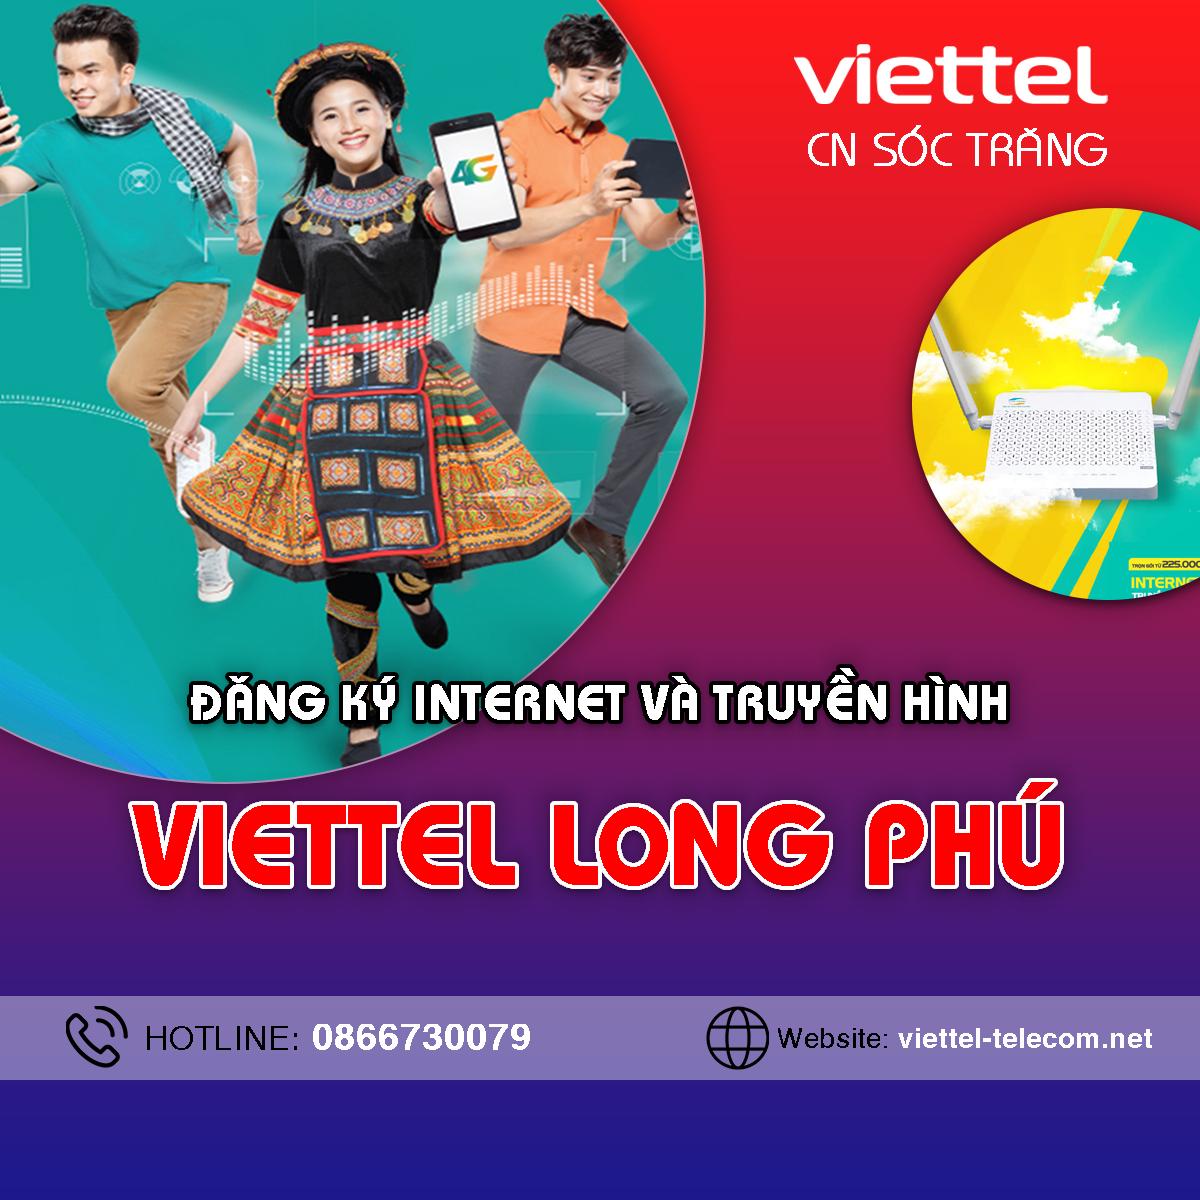 Liên hệ Cửa hàng Viettel huyện Long Phú - Điện thoại 0866191900